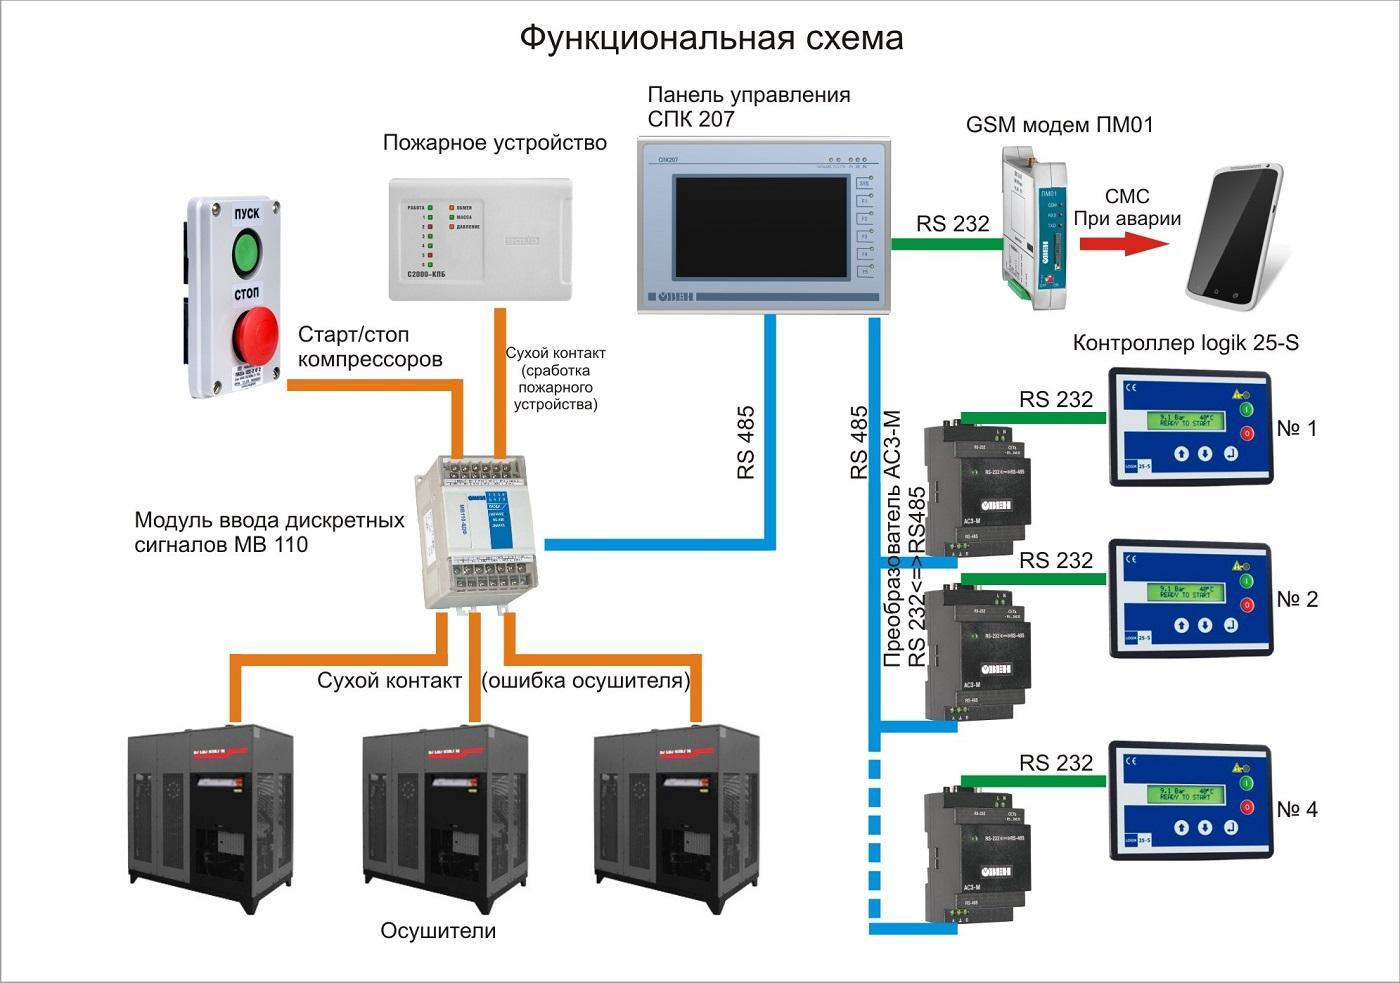 Принципы автоматизированного управления одноковшовым карьерным экскаватором и функциональное диагностирование его электроприводов на основе компьютерных технологий